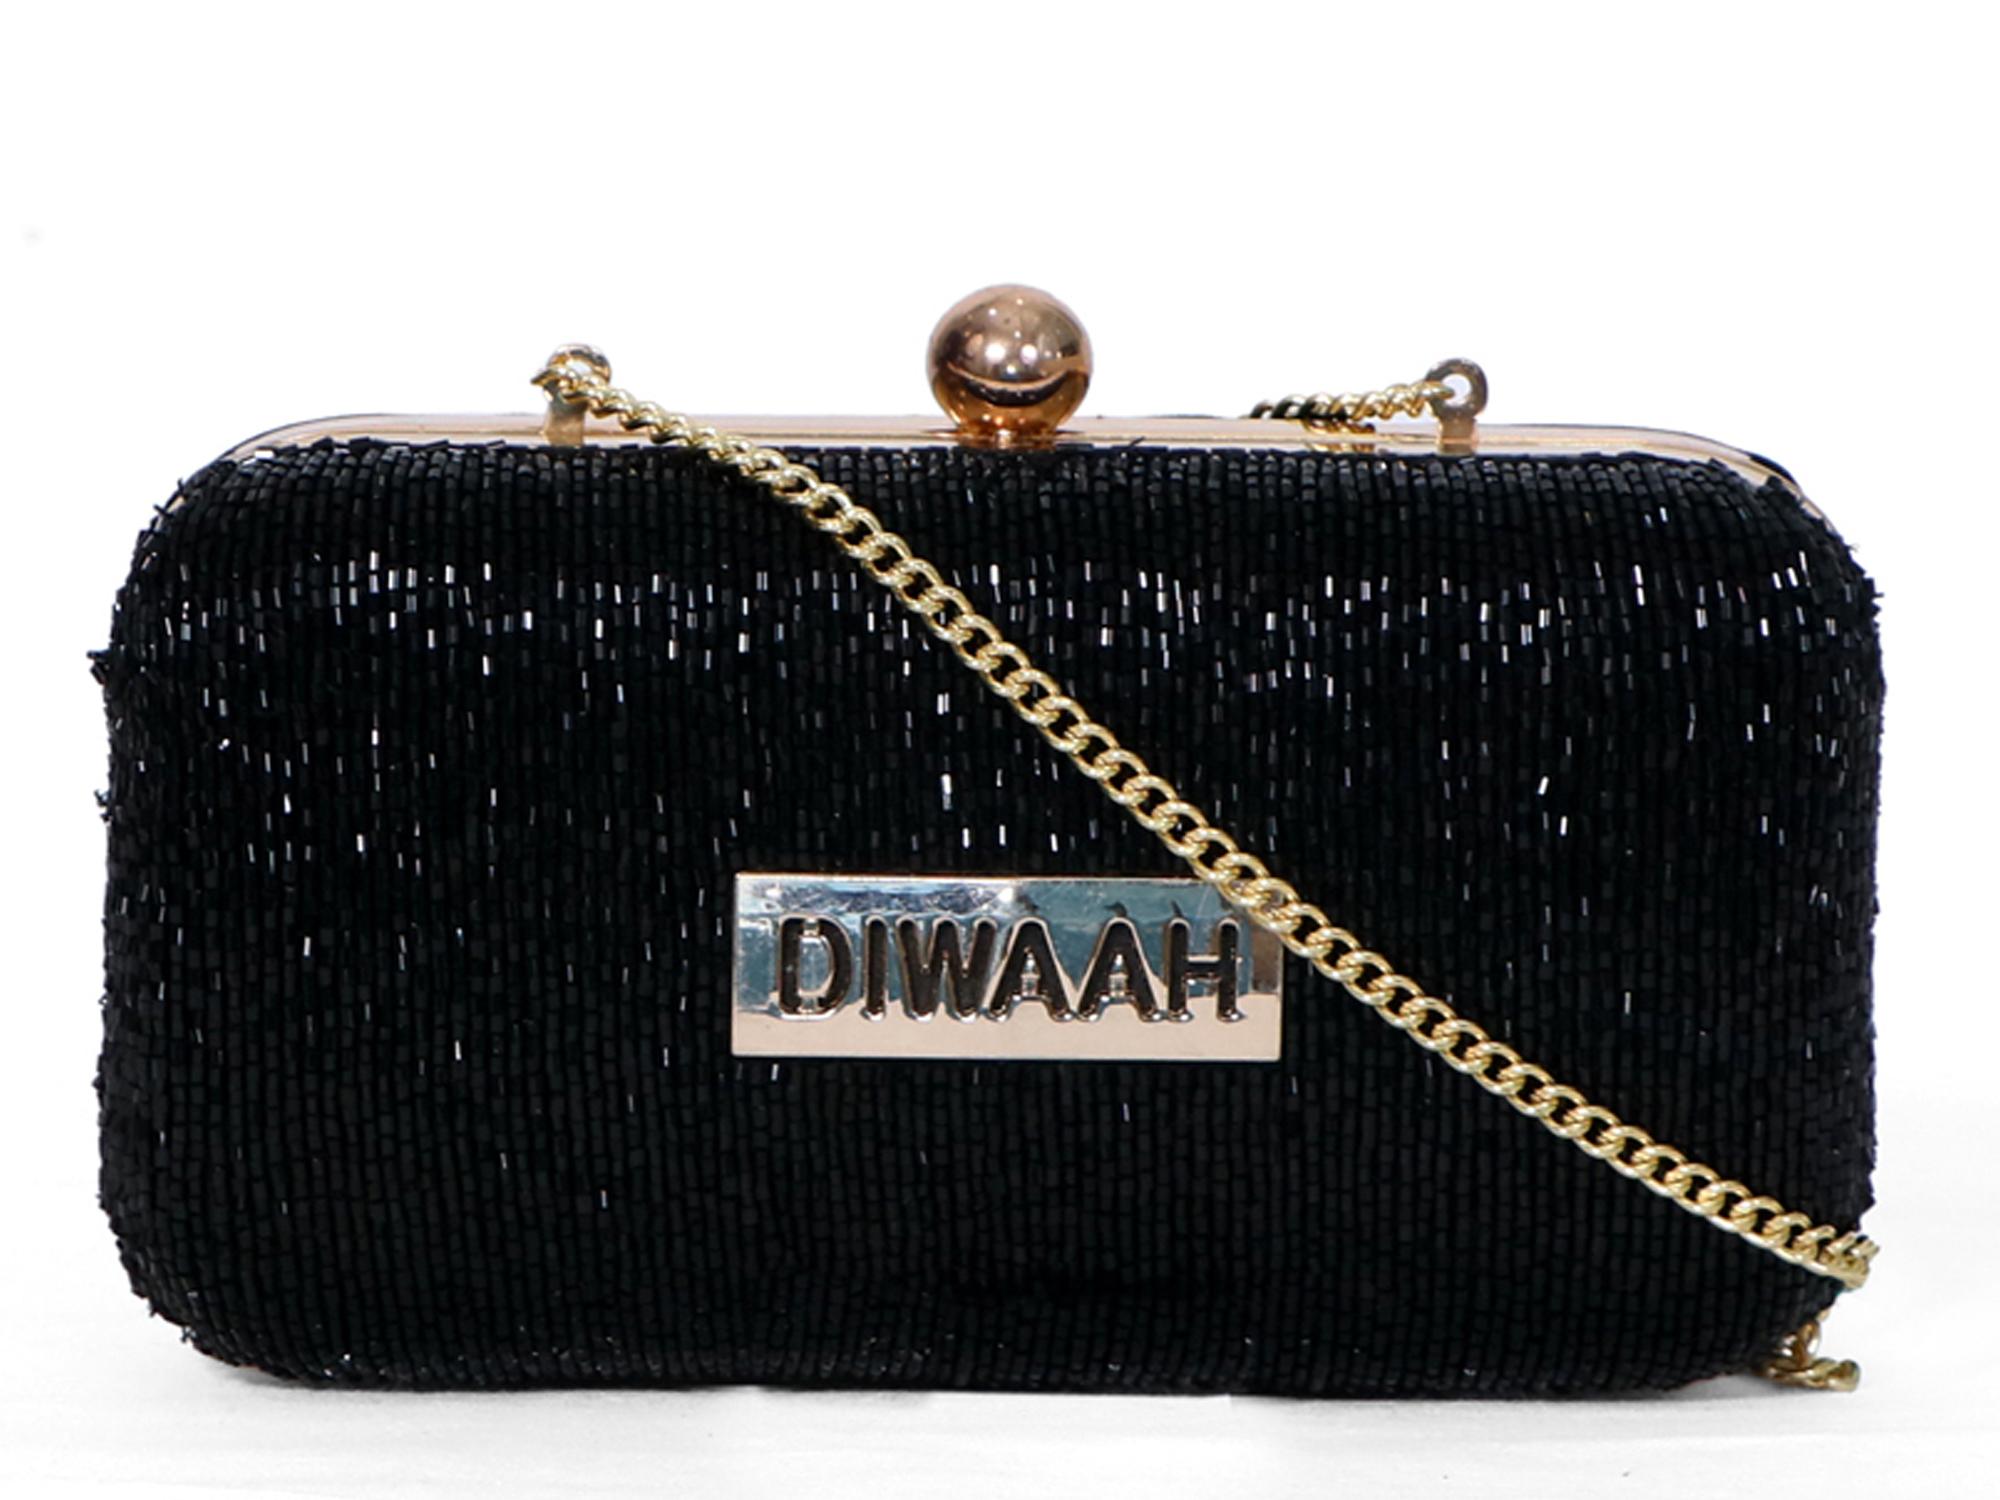 DIWAAH | Diwaah Black Color Party Clutch